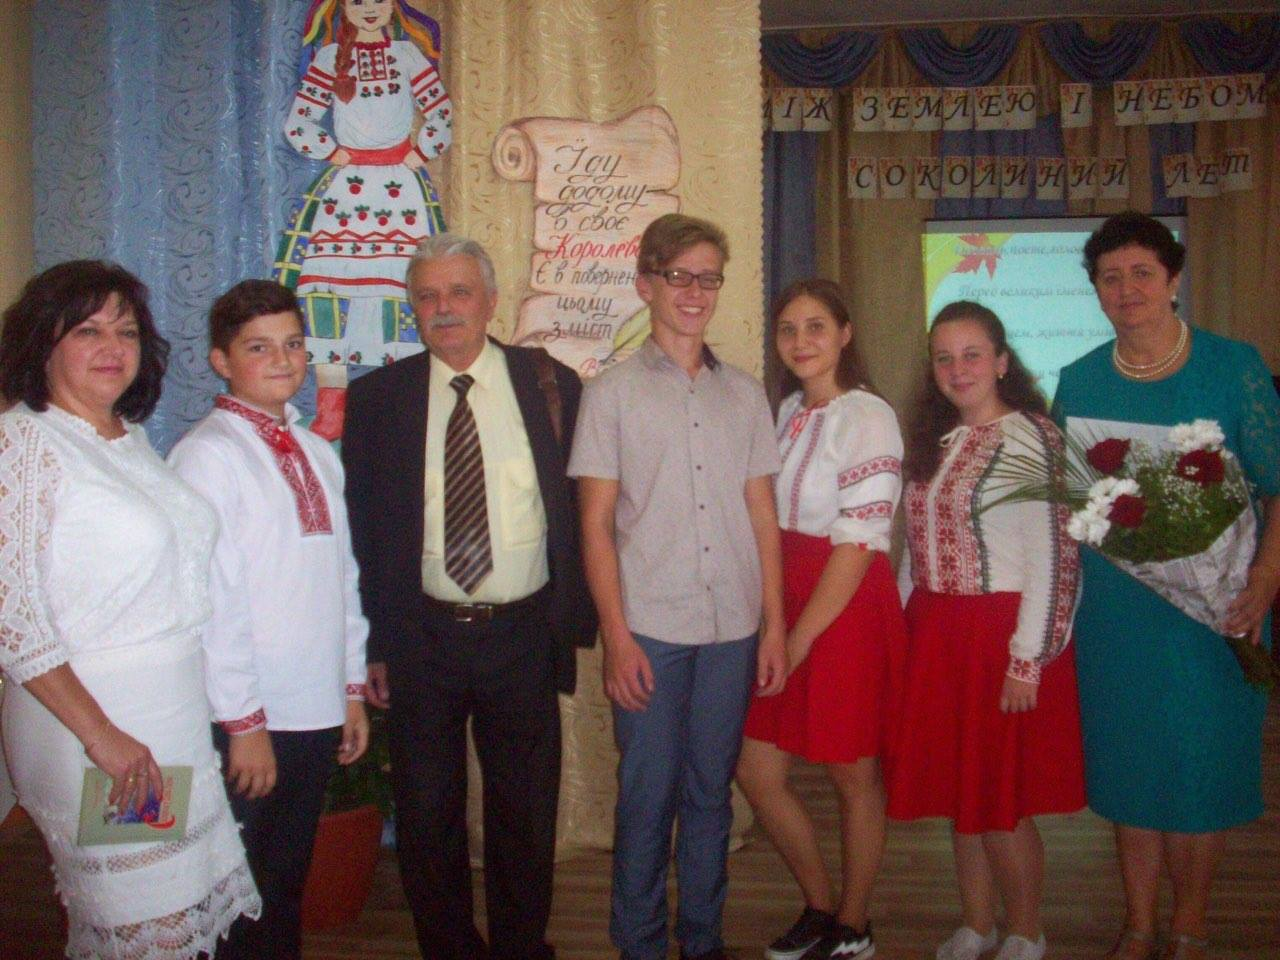 Василь Густі, Христина Керита з учнями й директором Королівської ЗОШ № 2